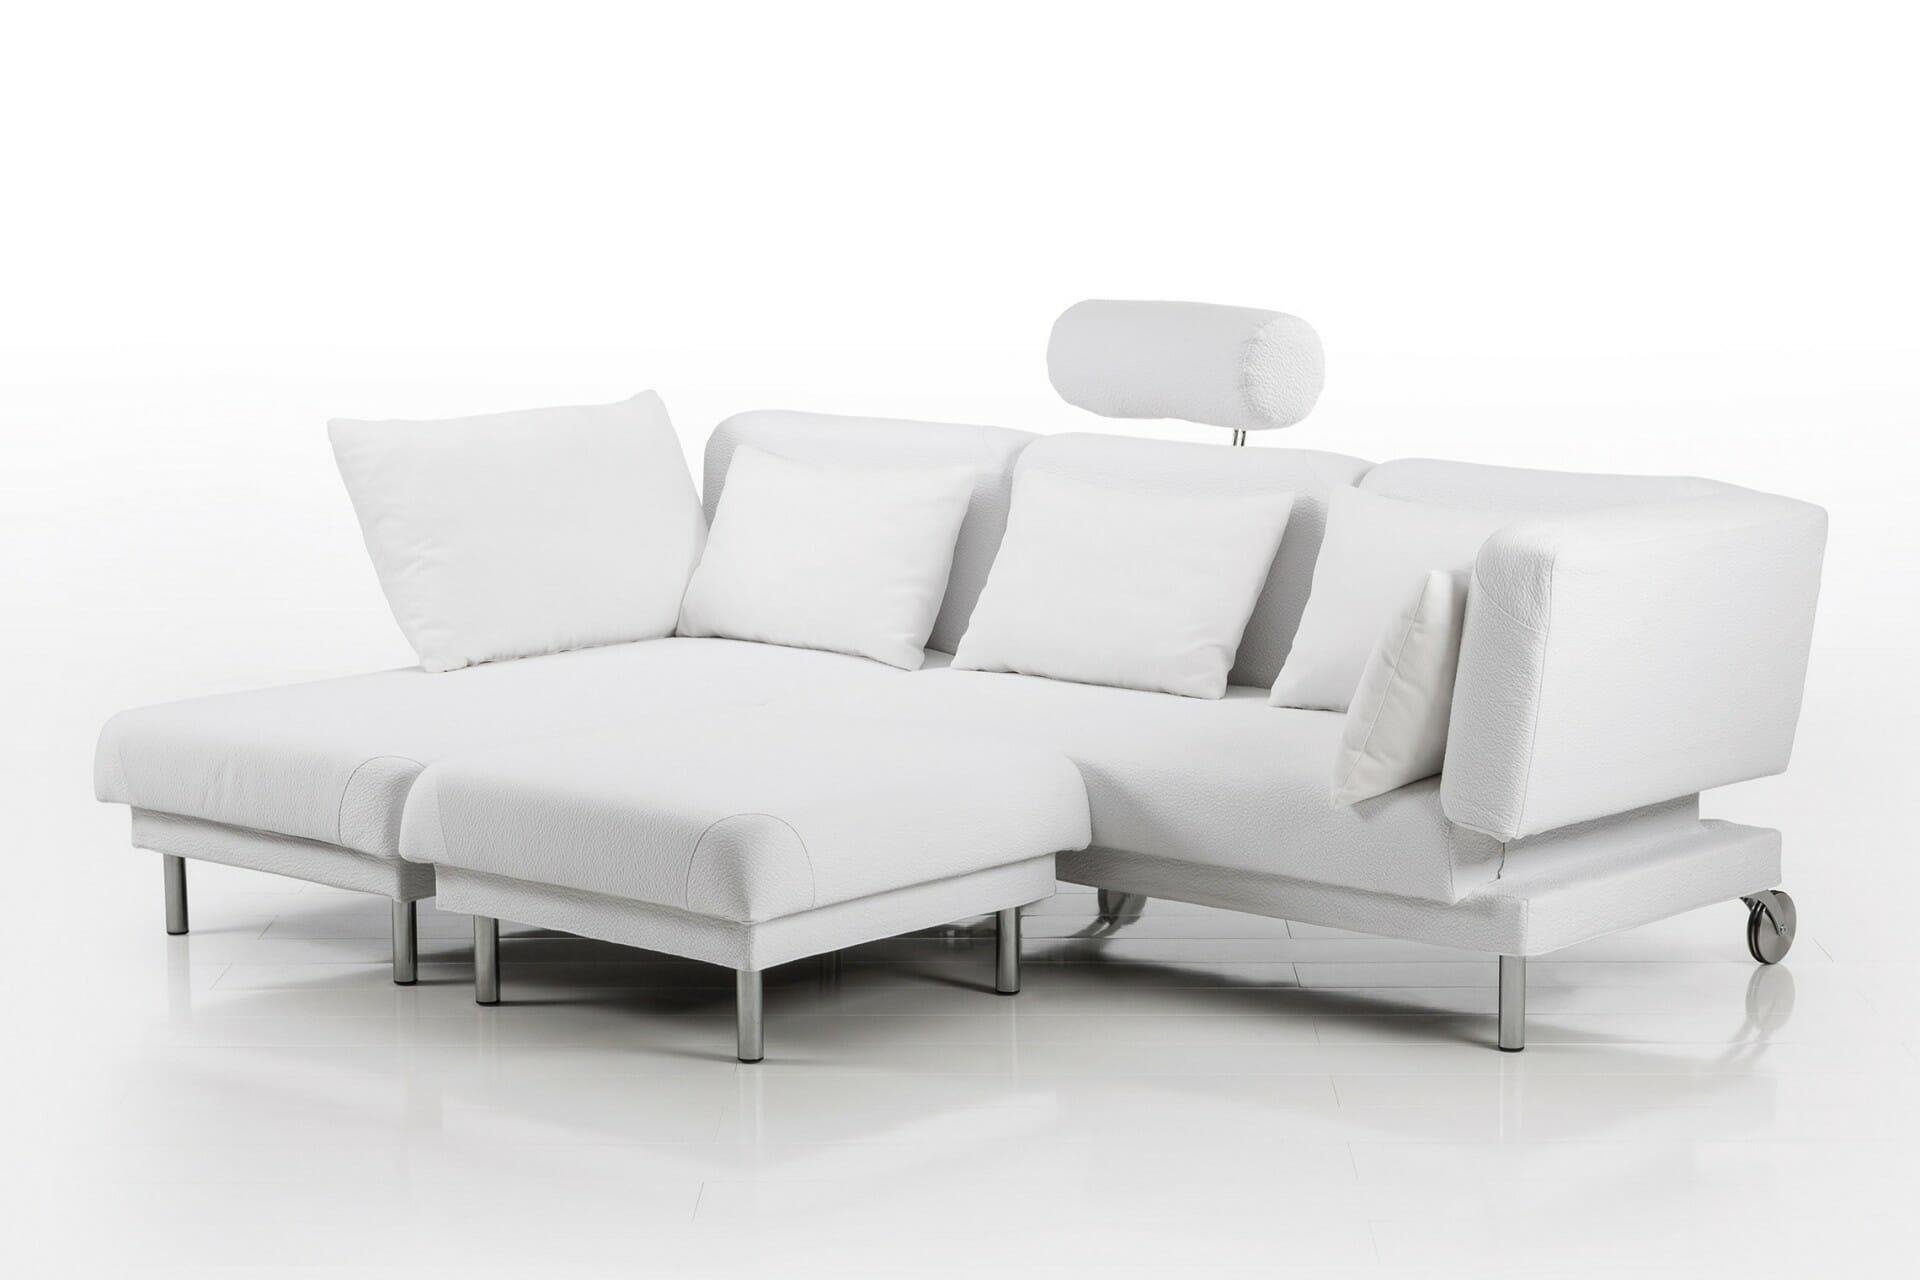 tam. Black Bedroom Furniture Sets. Home Design Ideas